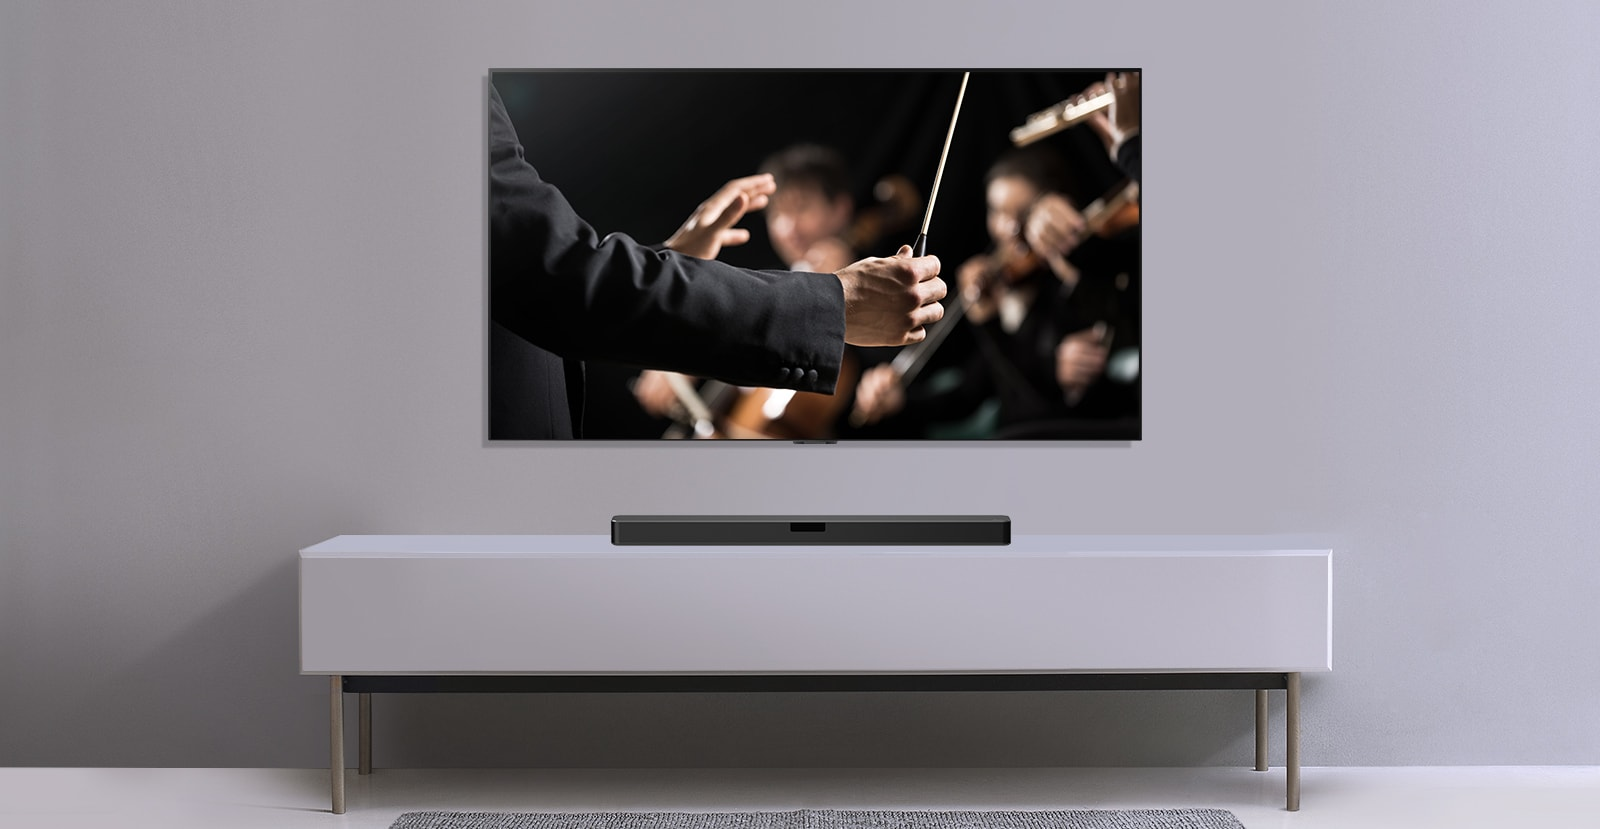 Зображення телевізора на сірій стіні та під ним саундбара LG на сірому низькому комоді. На екрані телевізора— диригент оркестру під час концерту.